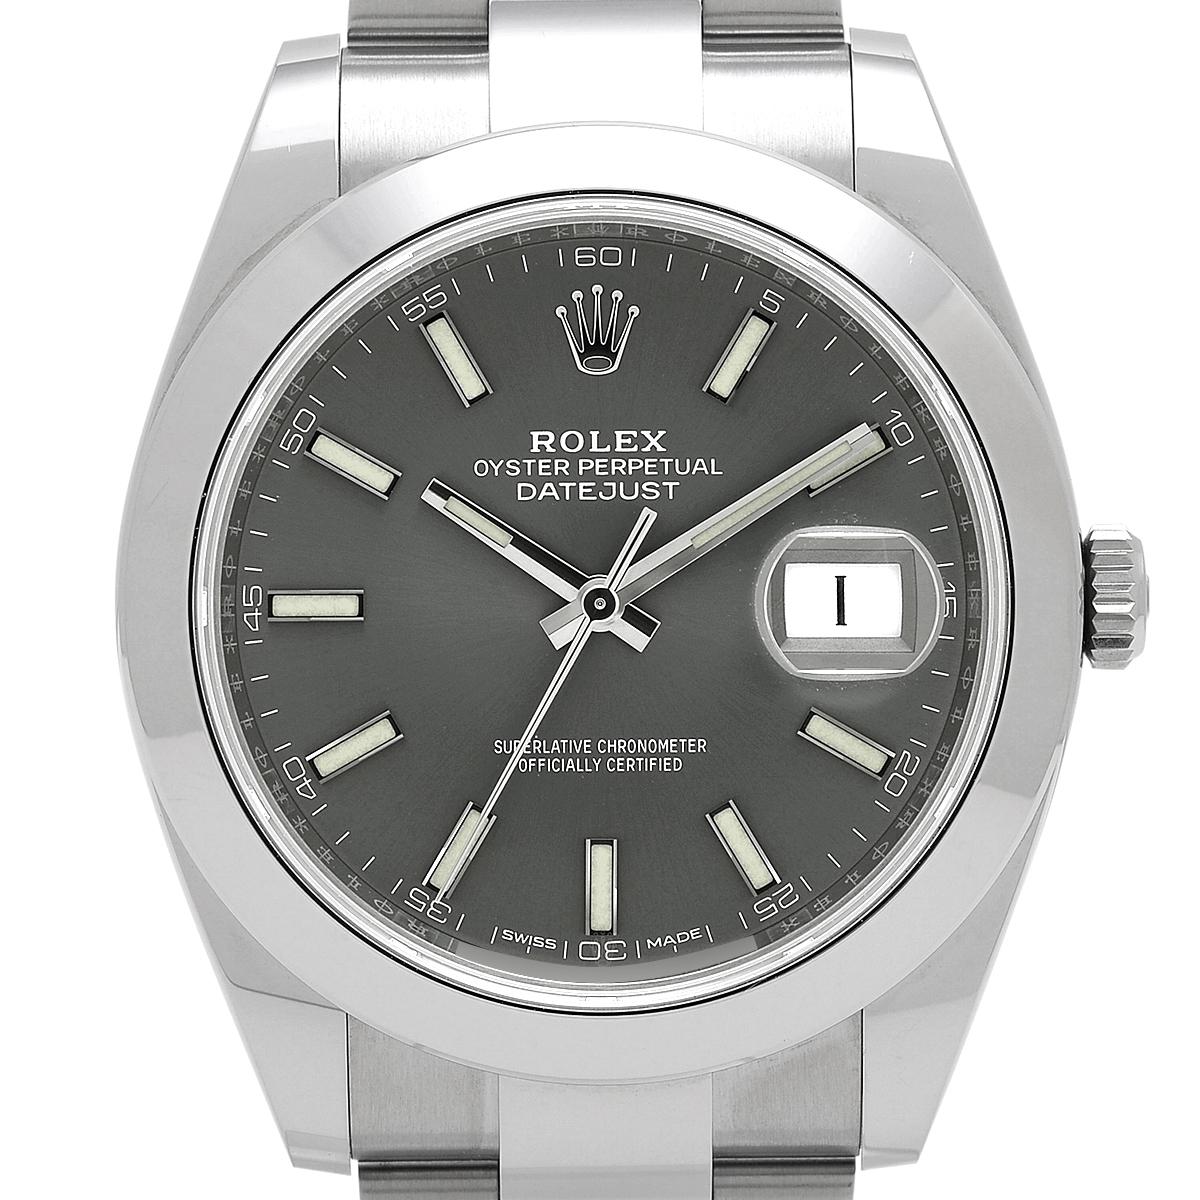 ロレックス ROLEX デイトジャスト41 126300 腕時計 SS 自動巻き グレー メンズ 【中古】